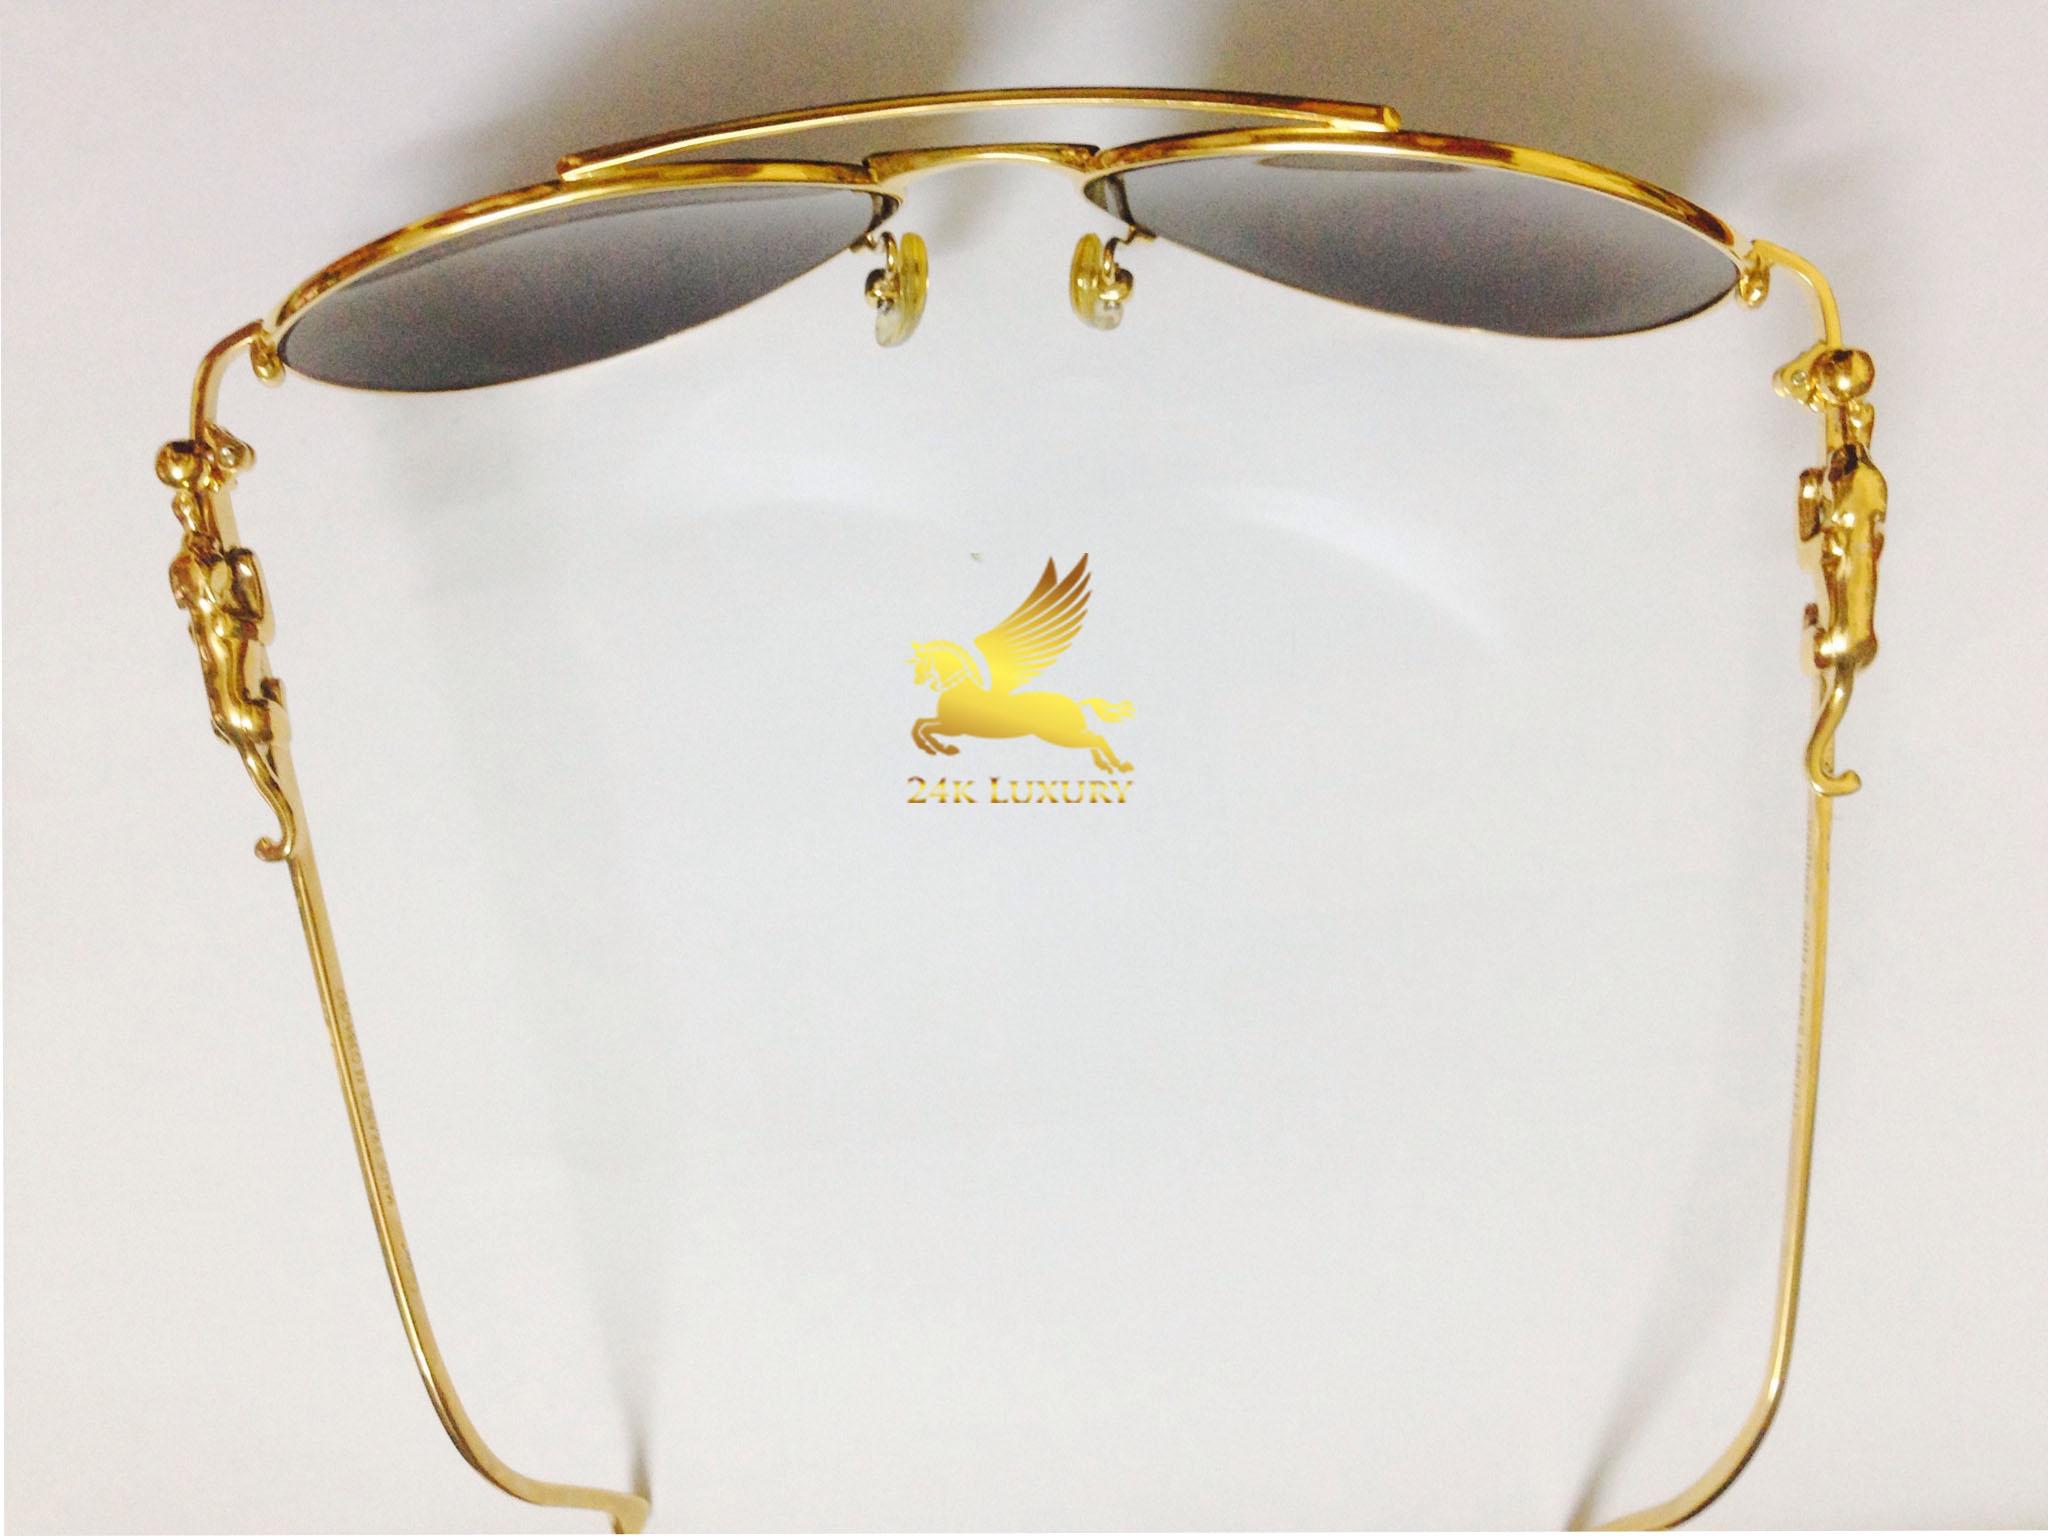 Kính nằm trong bộ sưu tập kính mạ vàng tại Vina Gold Art.